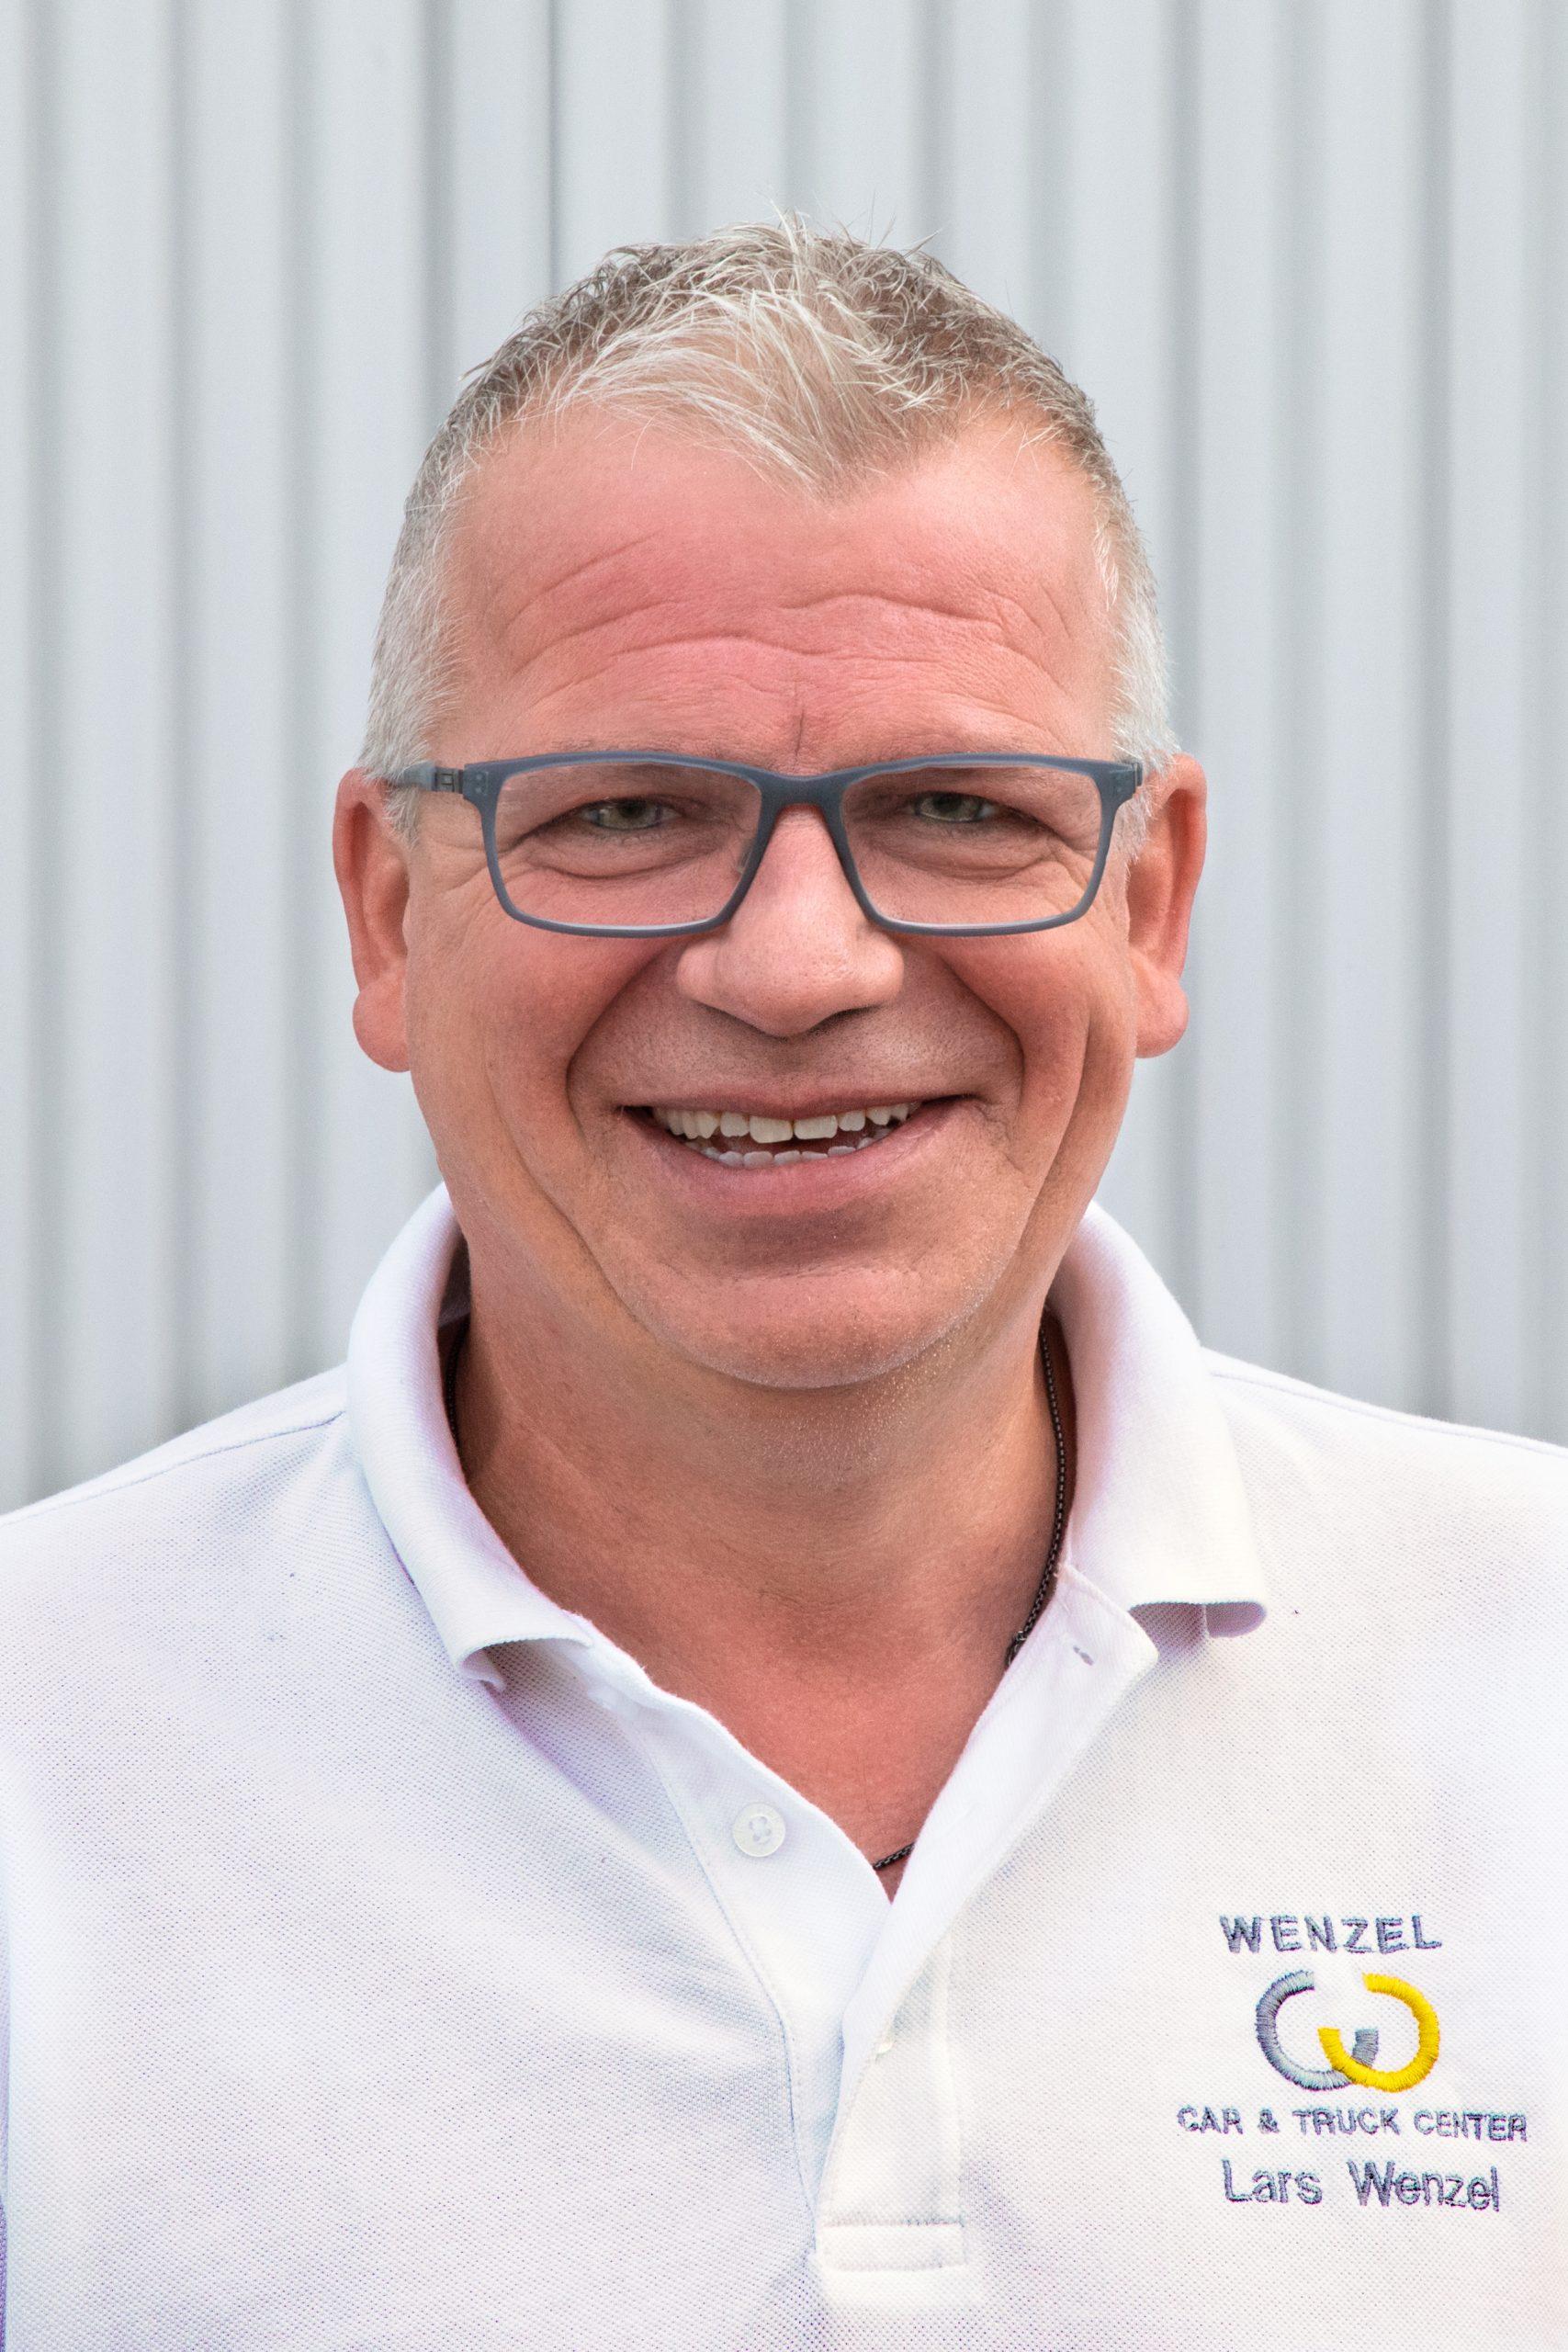 Lars Wenzel